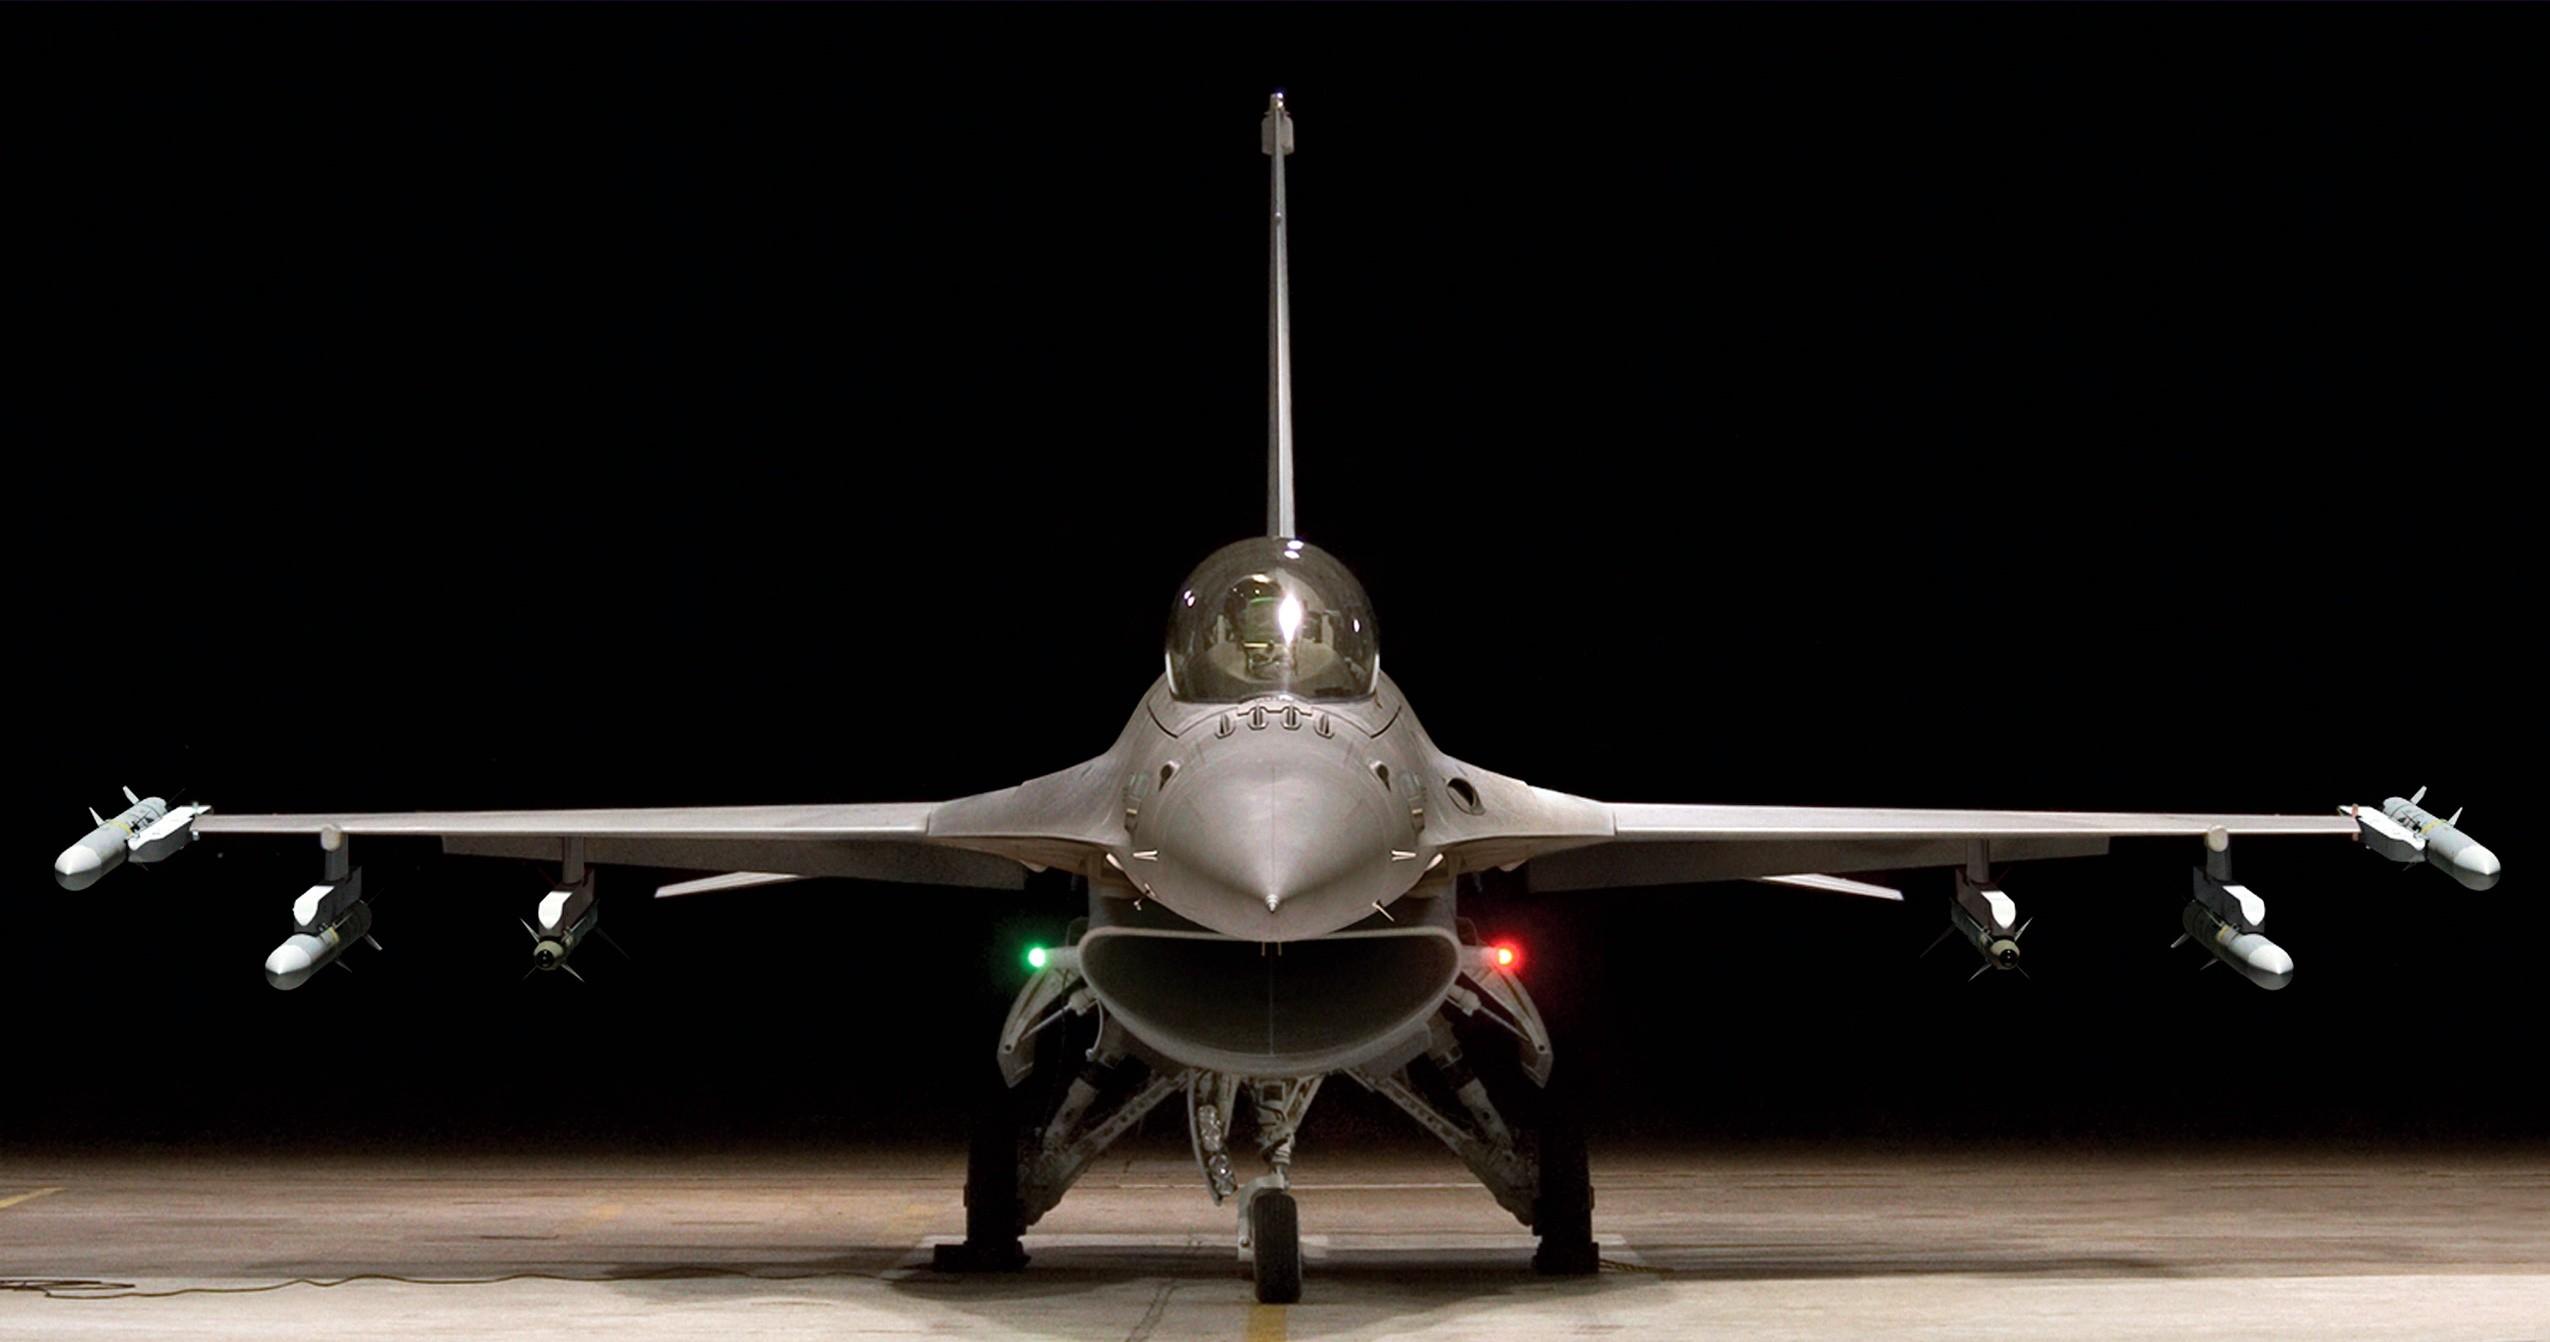 Vem aí o DCS: F-16C Viper